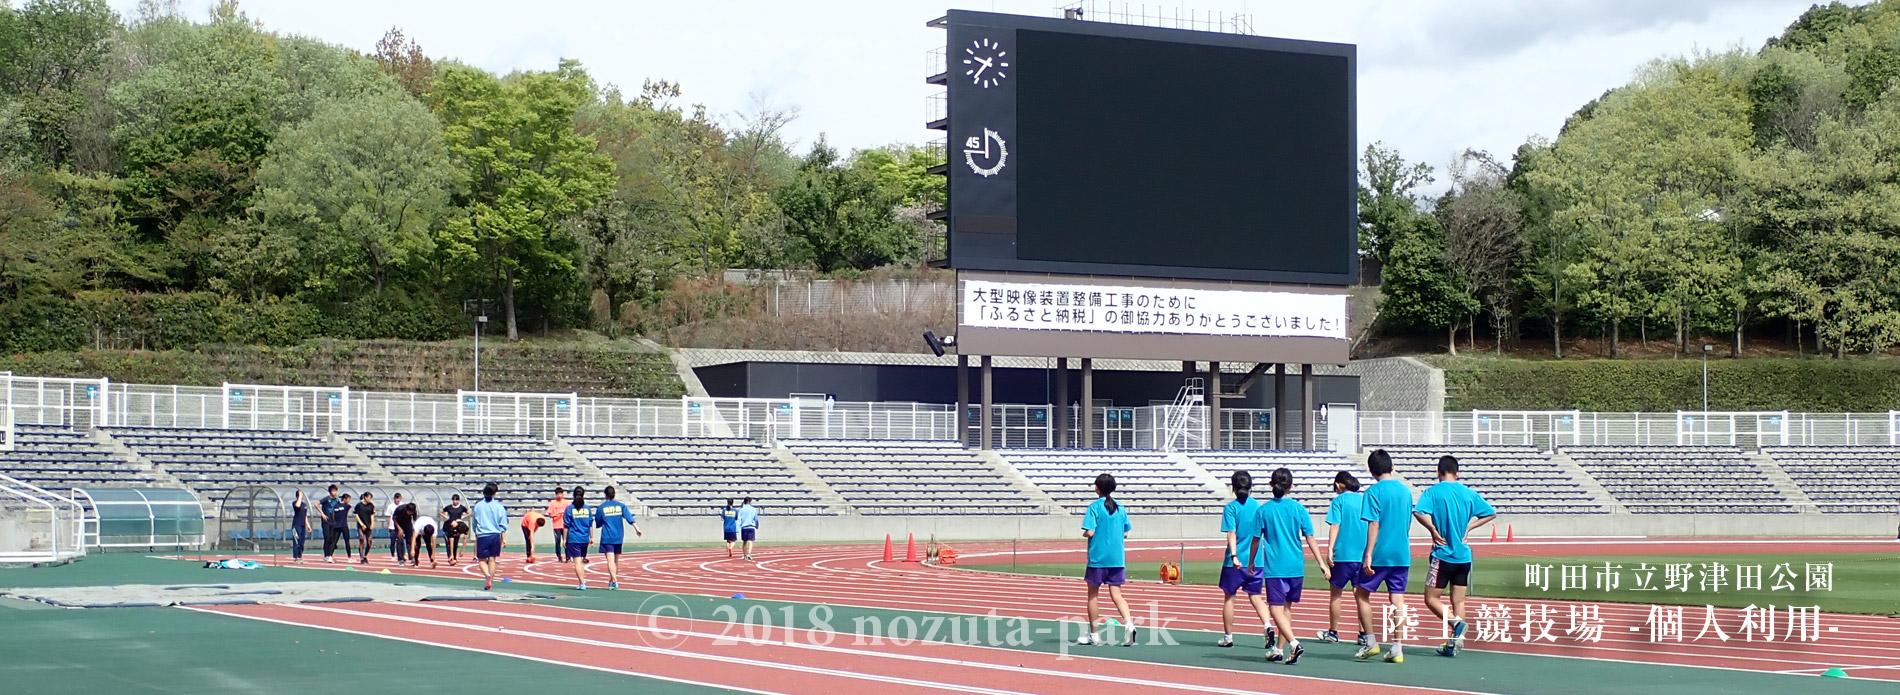 町田市立陸上競技場 -個人利用-